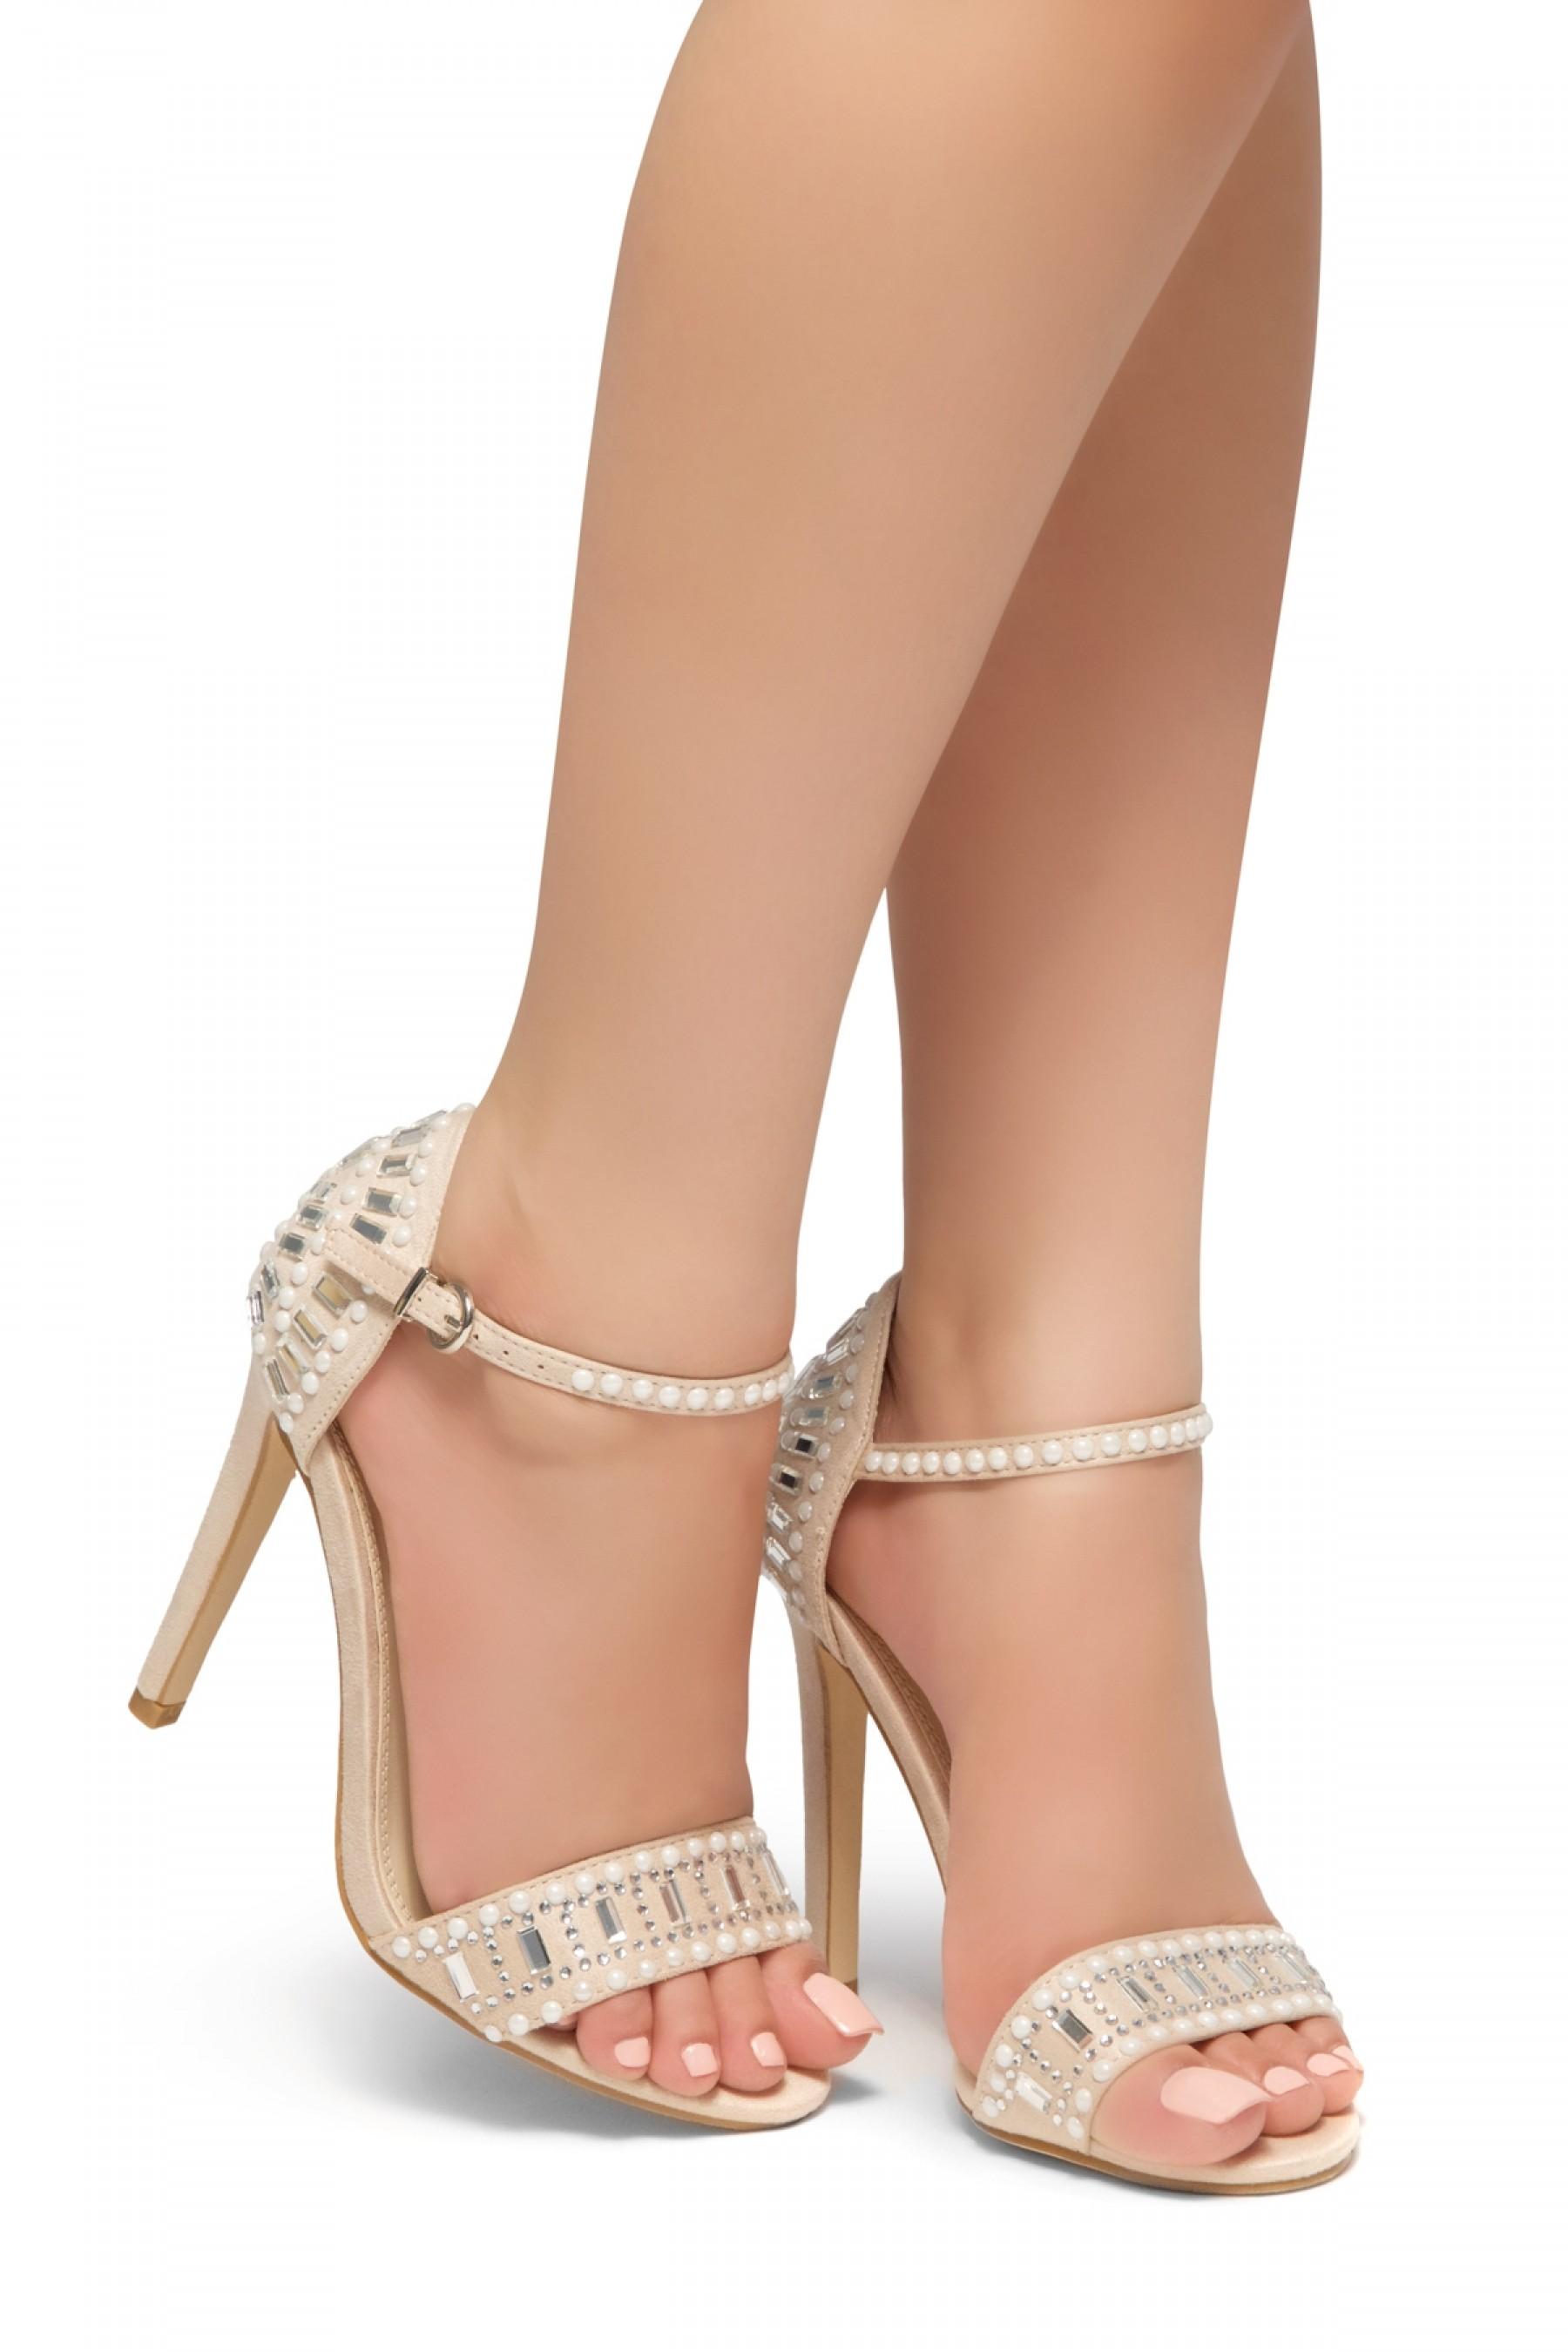 HerStyle Fashion Glam Ego- stiletto heel, jeweled embellishments (Nude)